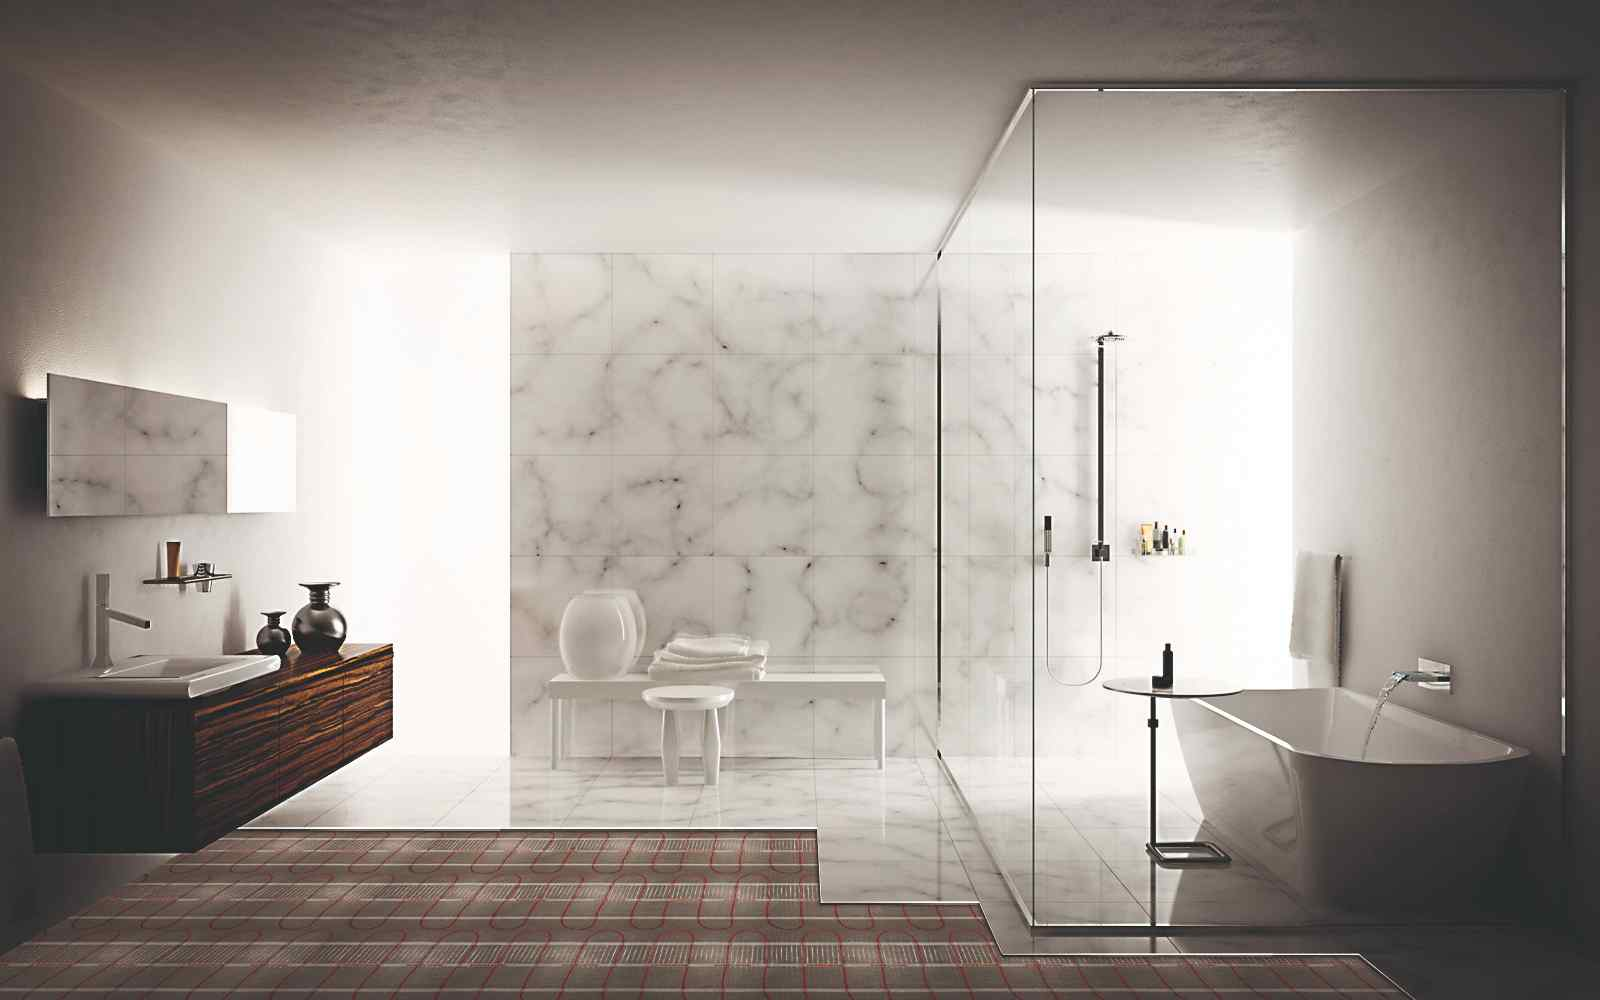 Elektrické podlahové vytápění v moderní koupelně